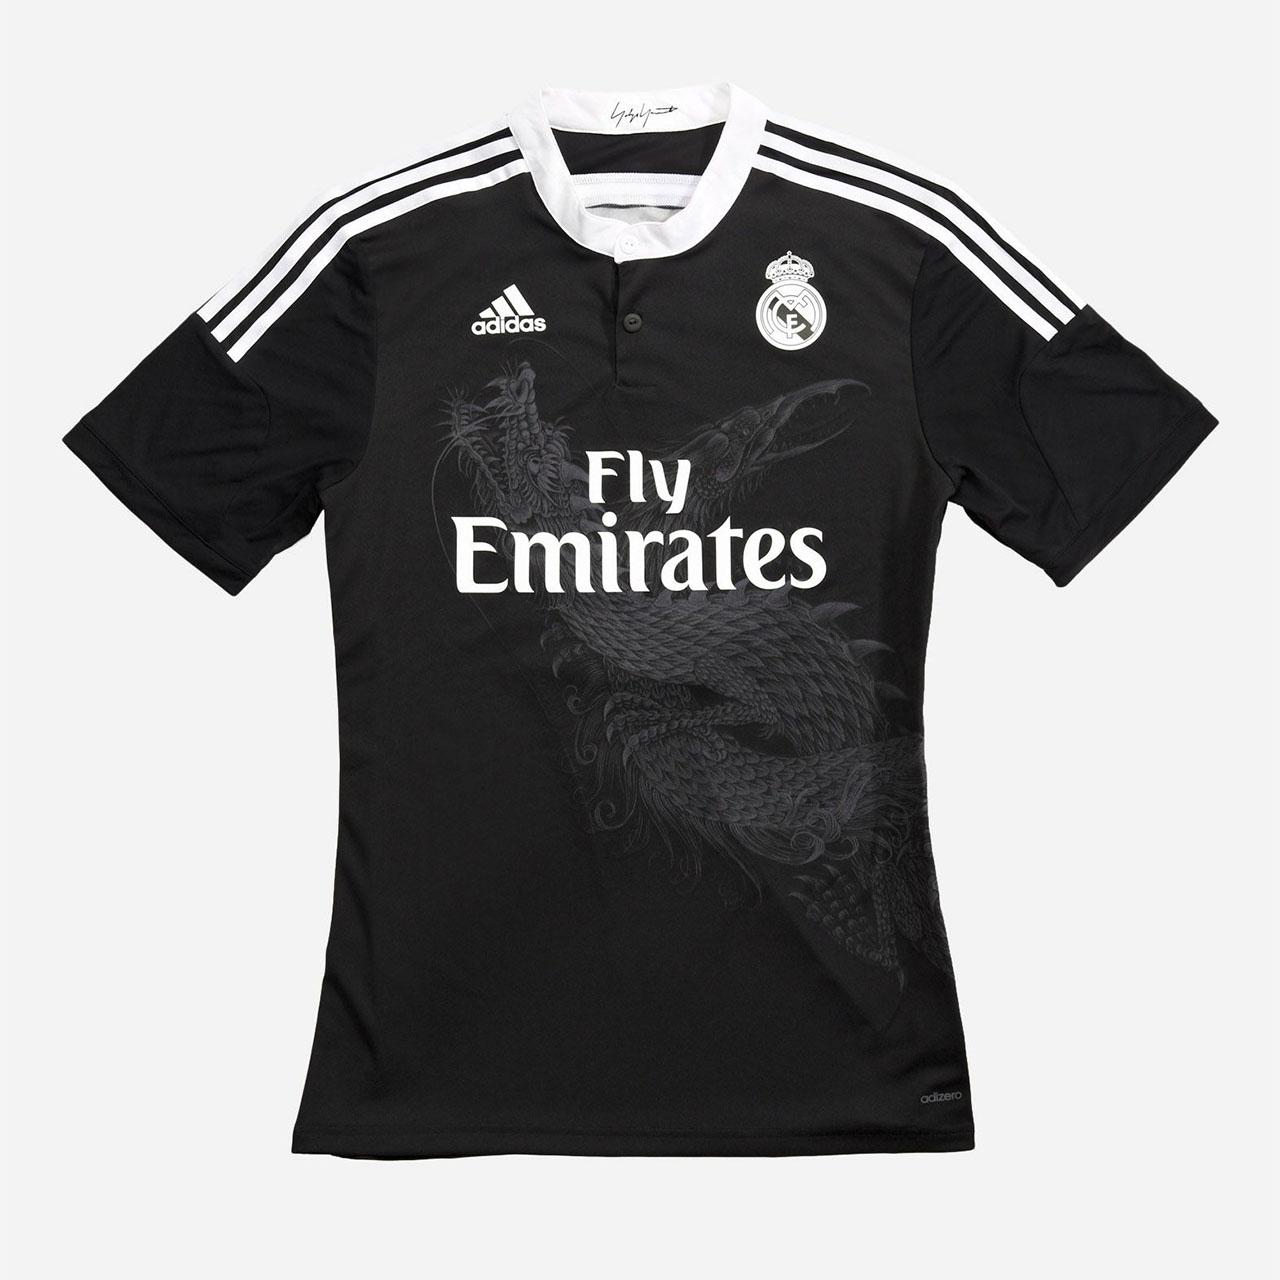 Terceira camisa do Real Madrid 2014-2015 Adidas Dragão Yohji Yamamoto